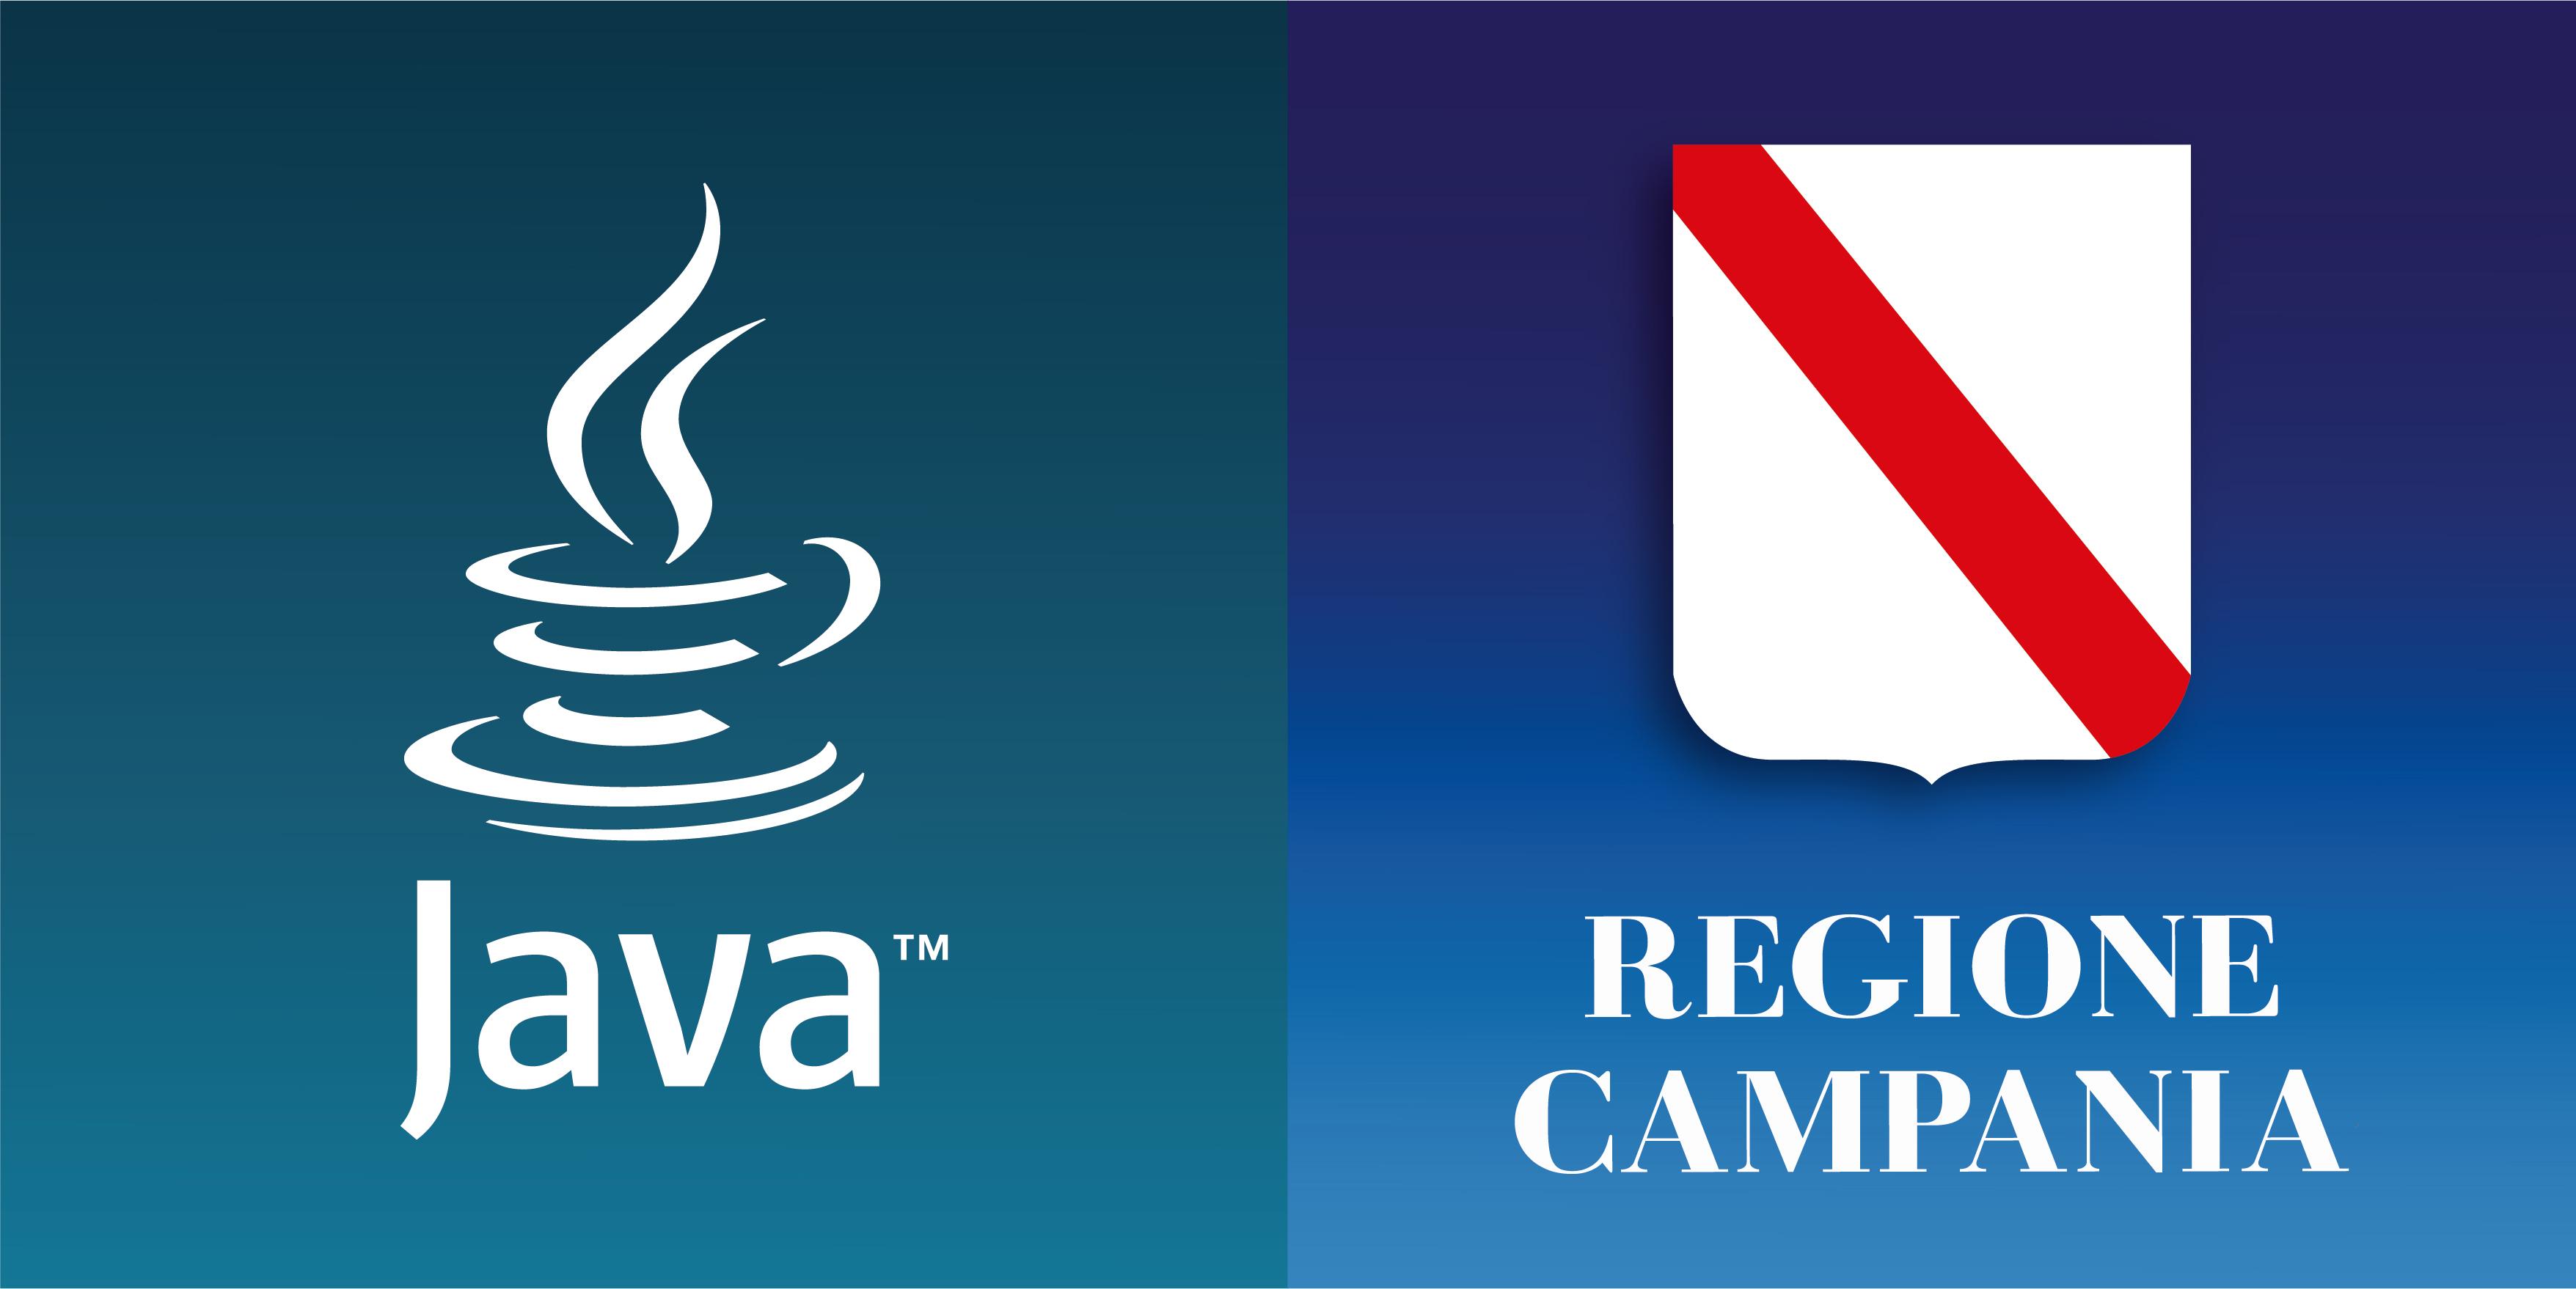 Programma JAVA per la Campania: selezioni aperte fino al 13 luglio 2018